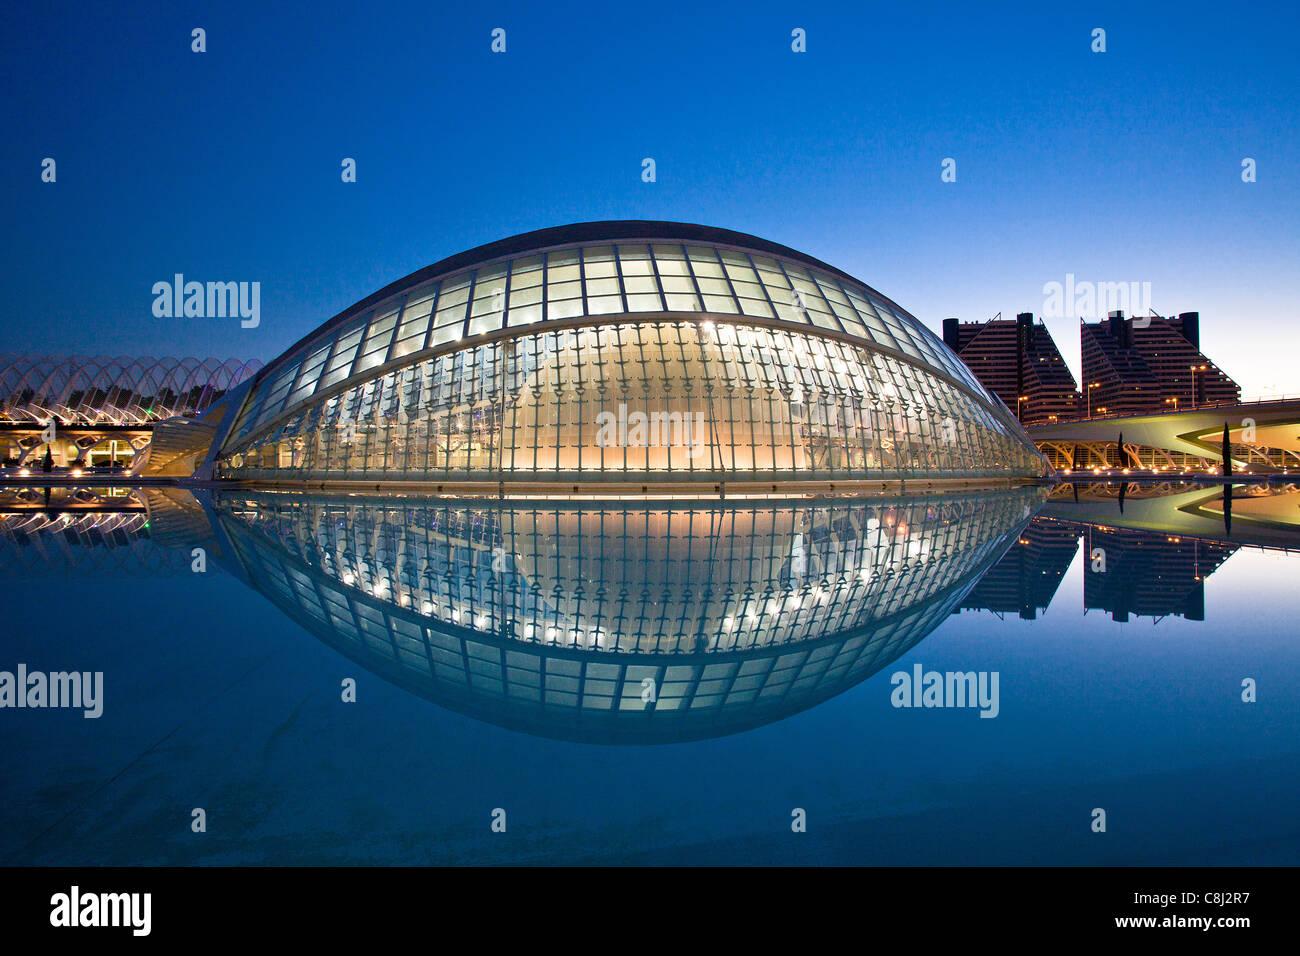 España, Europa, Valencia, Ciudad de las Artes y las Ciencias, Calatrava, la arquitectura moderna, hemisférico, Imagen De Stock